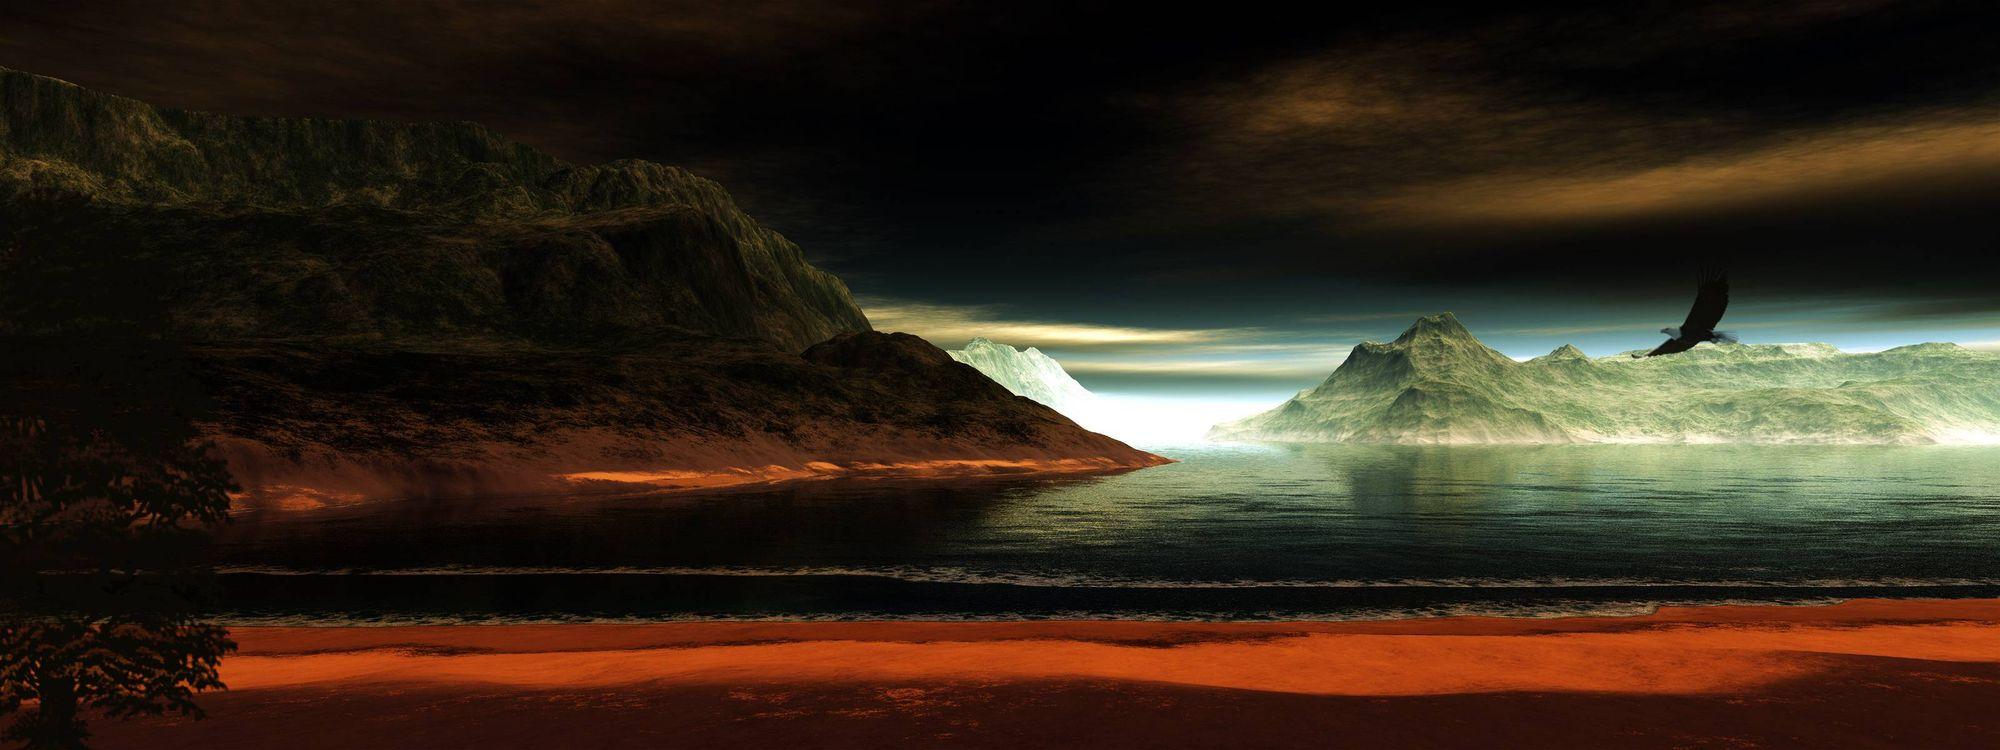 Обои море, острова, горы, скалы, ночь, ястреб на телефон | картинки пейзажи